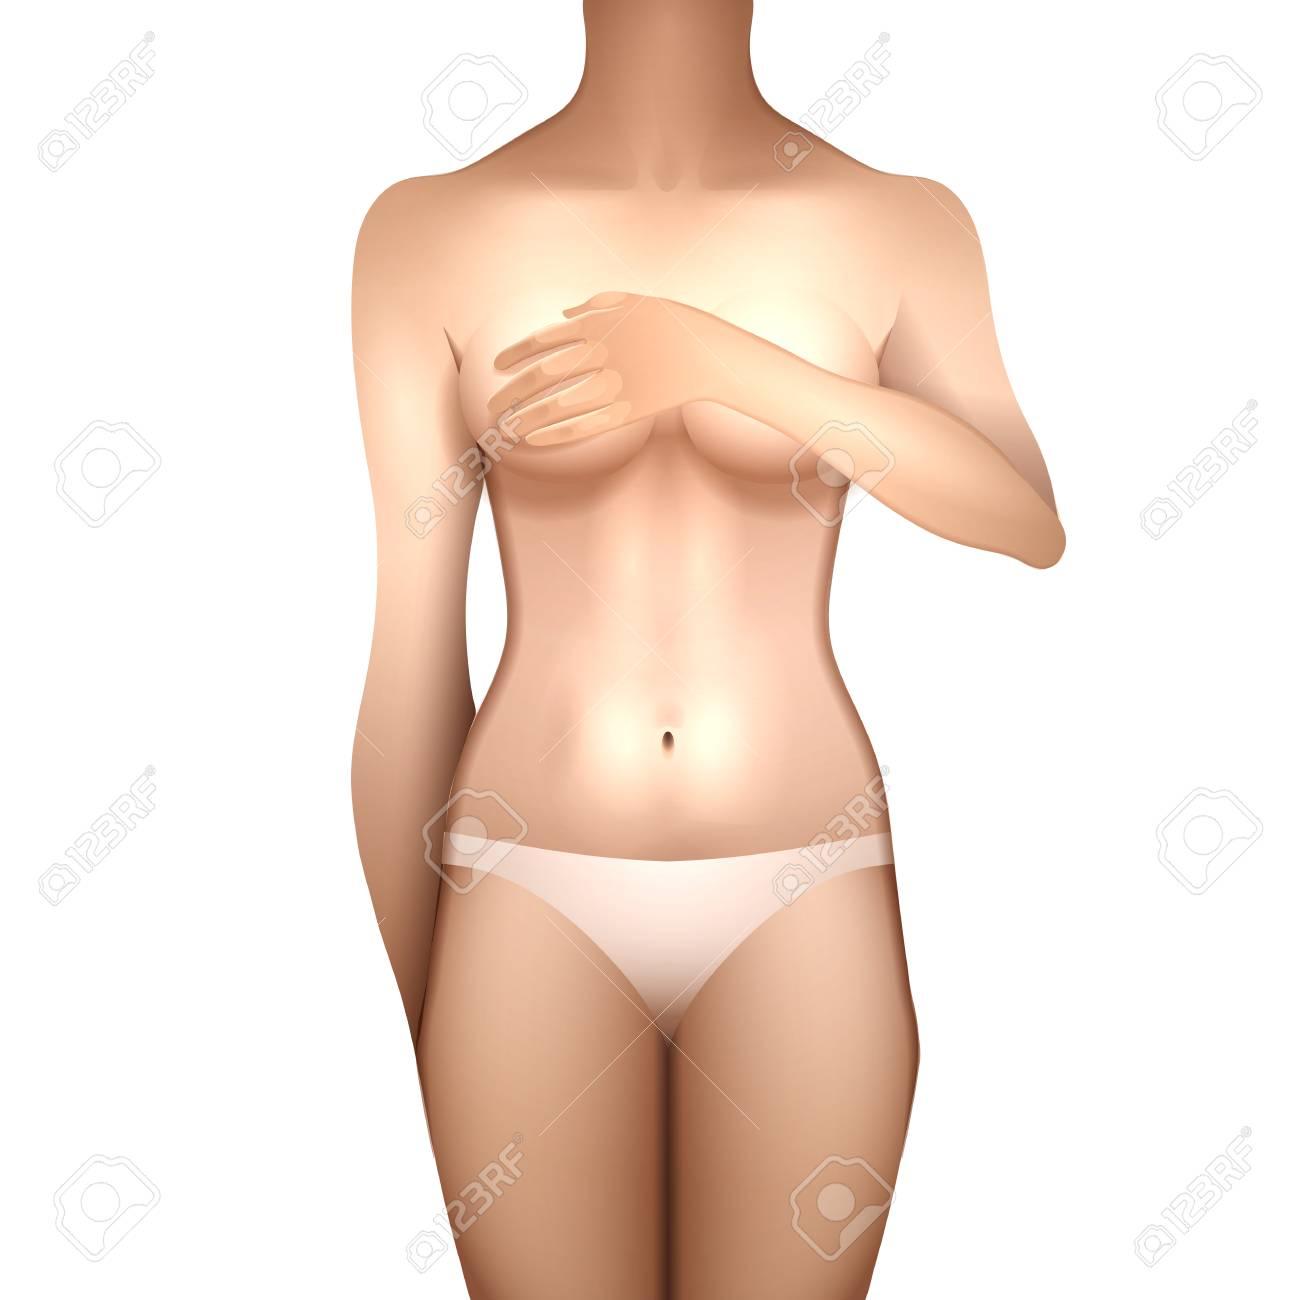 a7d0cce3980c Chica Europea cubriendo el cofre con su mano. Cuerpo de mujer en lencería  blanca. Vista frontal. Plantilla de vectores para el diseño del tatuaje ...